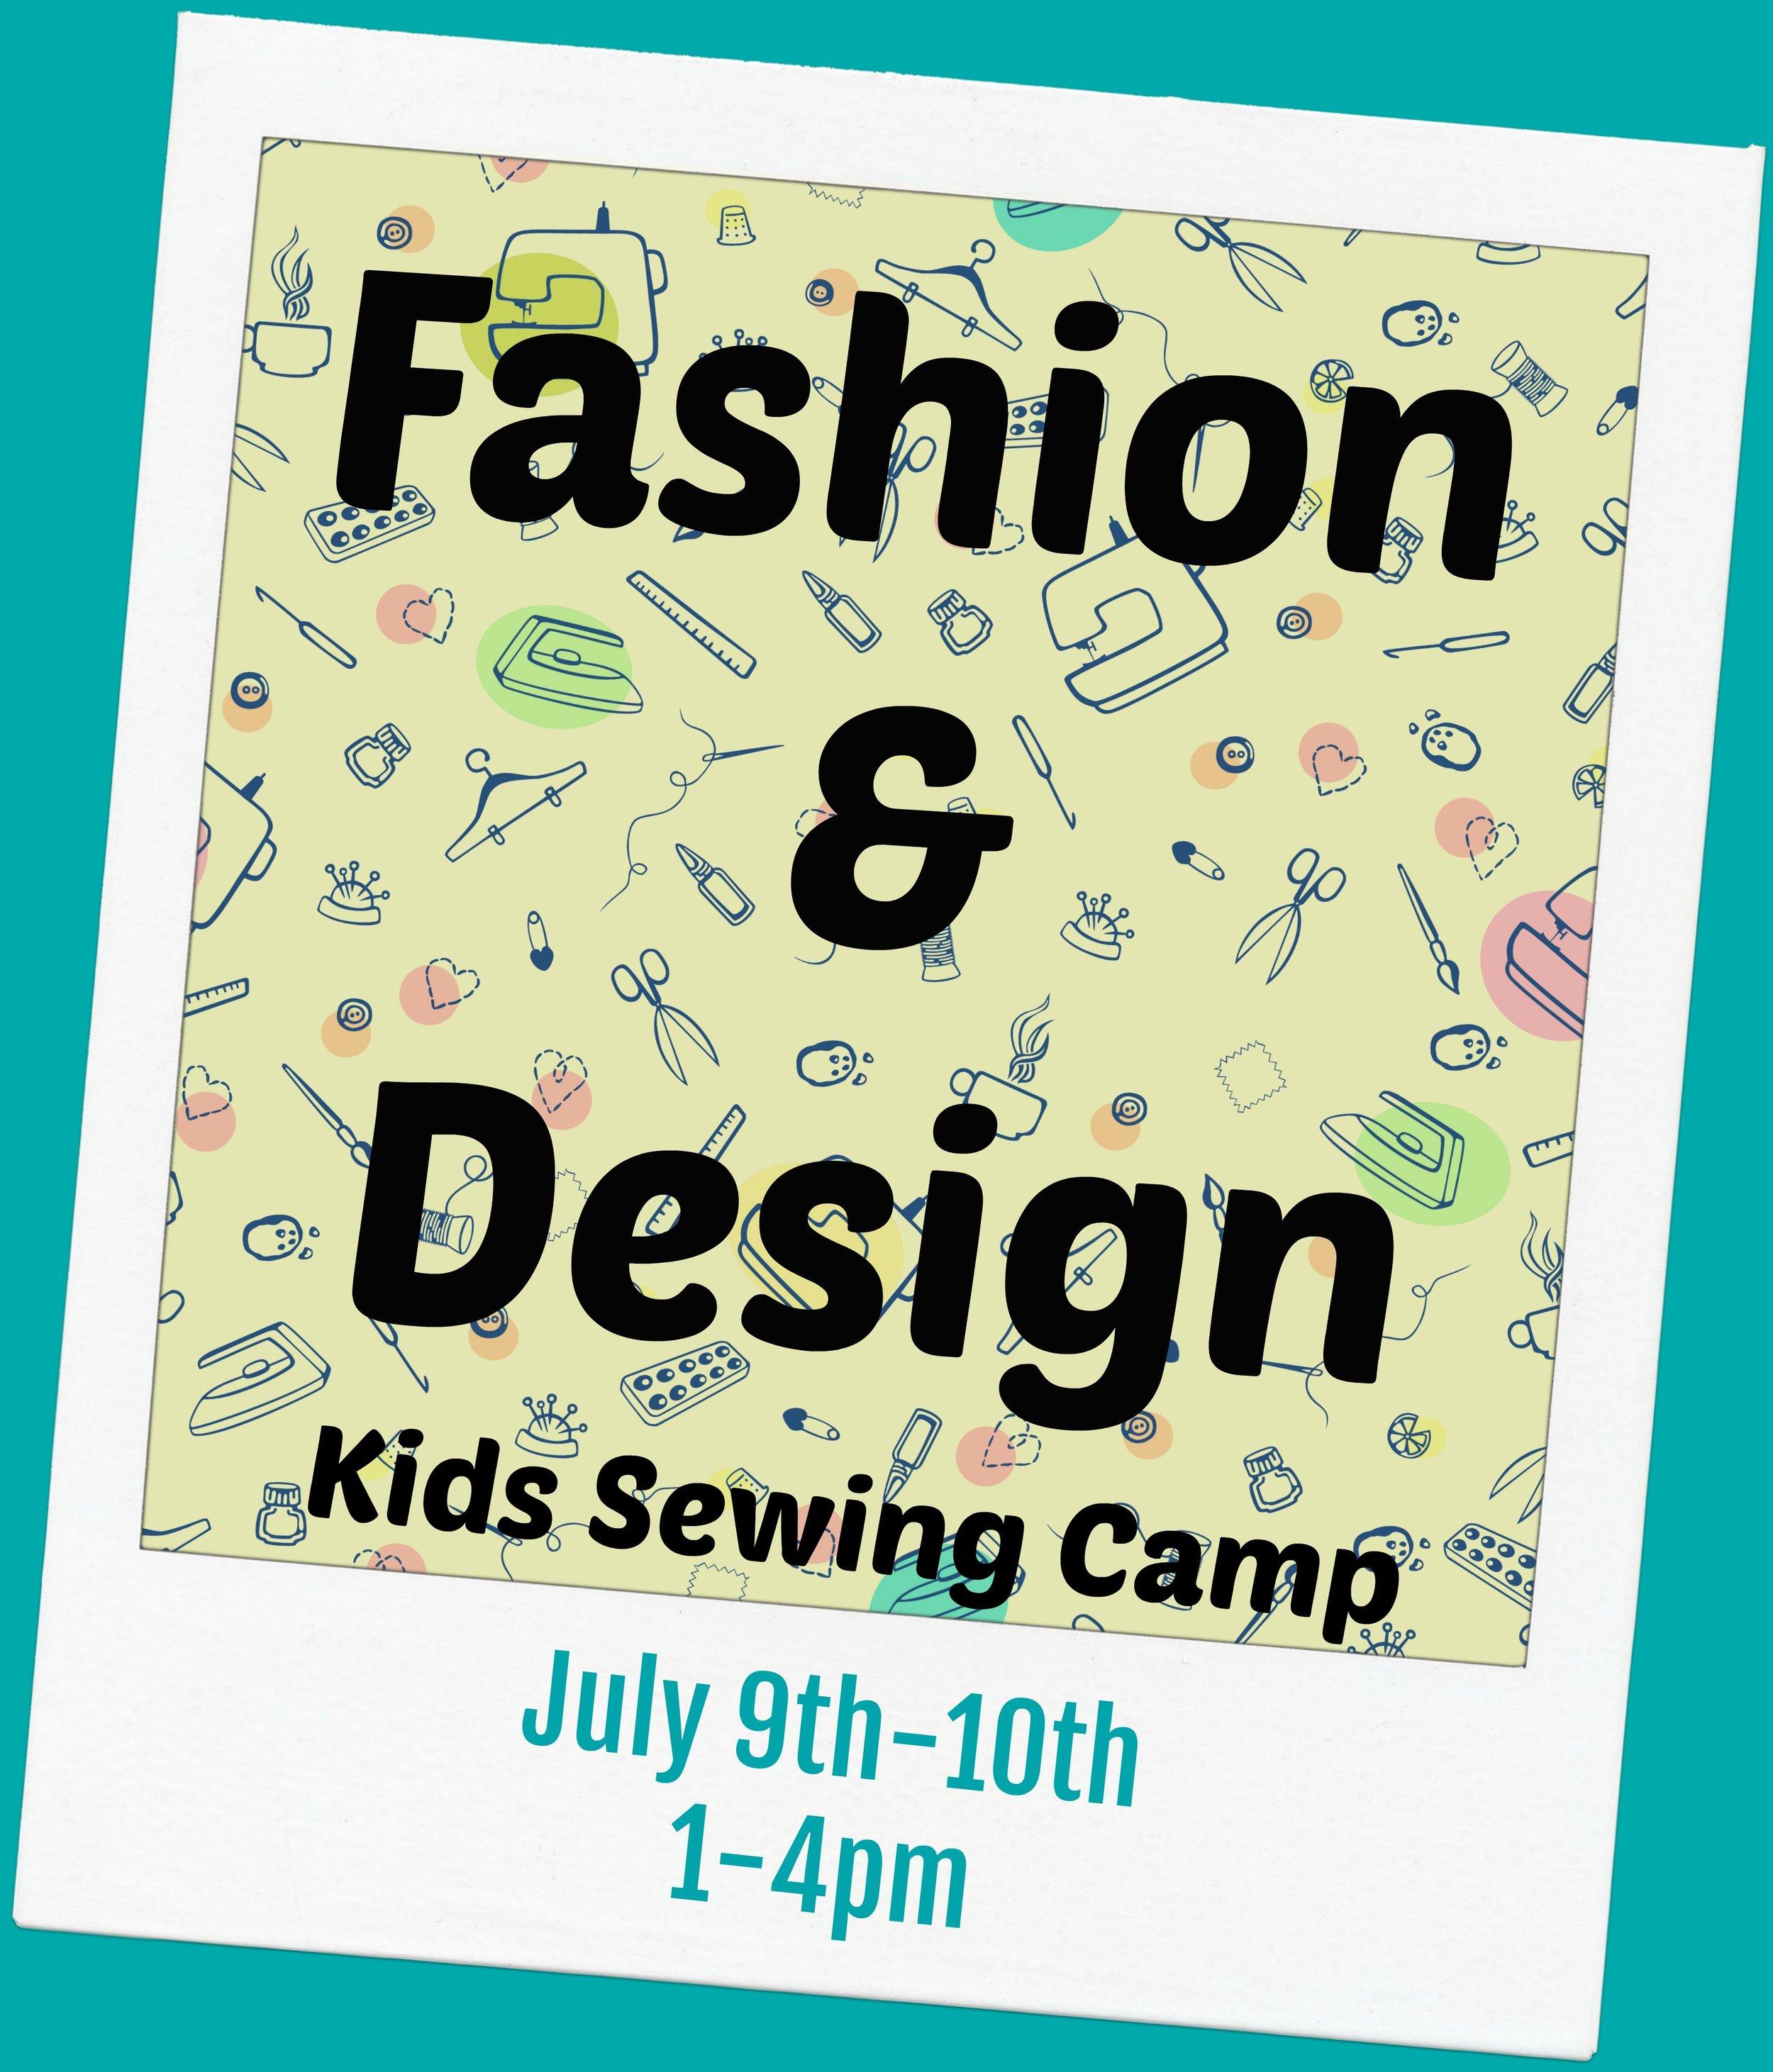 fashion design camp 2018 summer kids.jpg